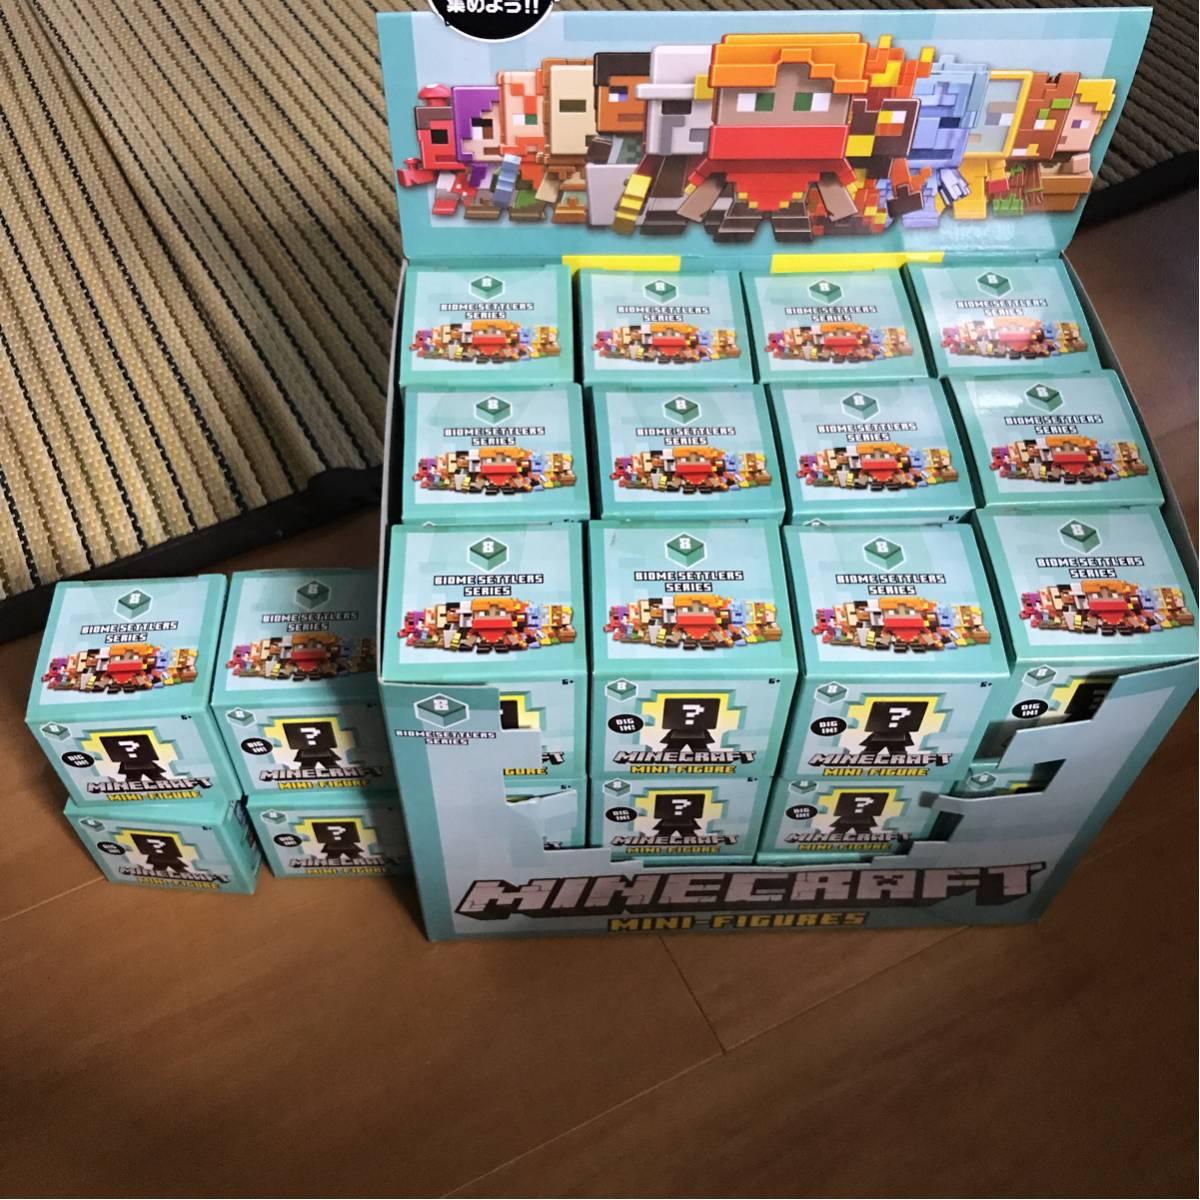 マイクラ マインクラフト ミニフィギュア バイオームセトラーズシリーズ 36個 おまけ グッズの画像